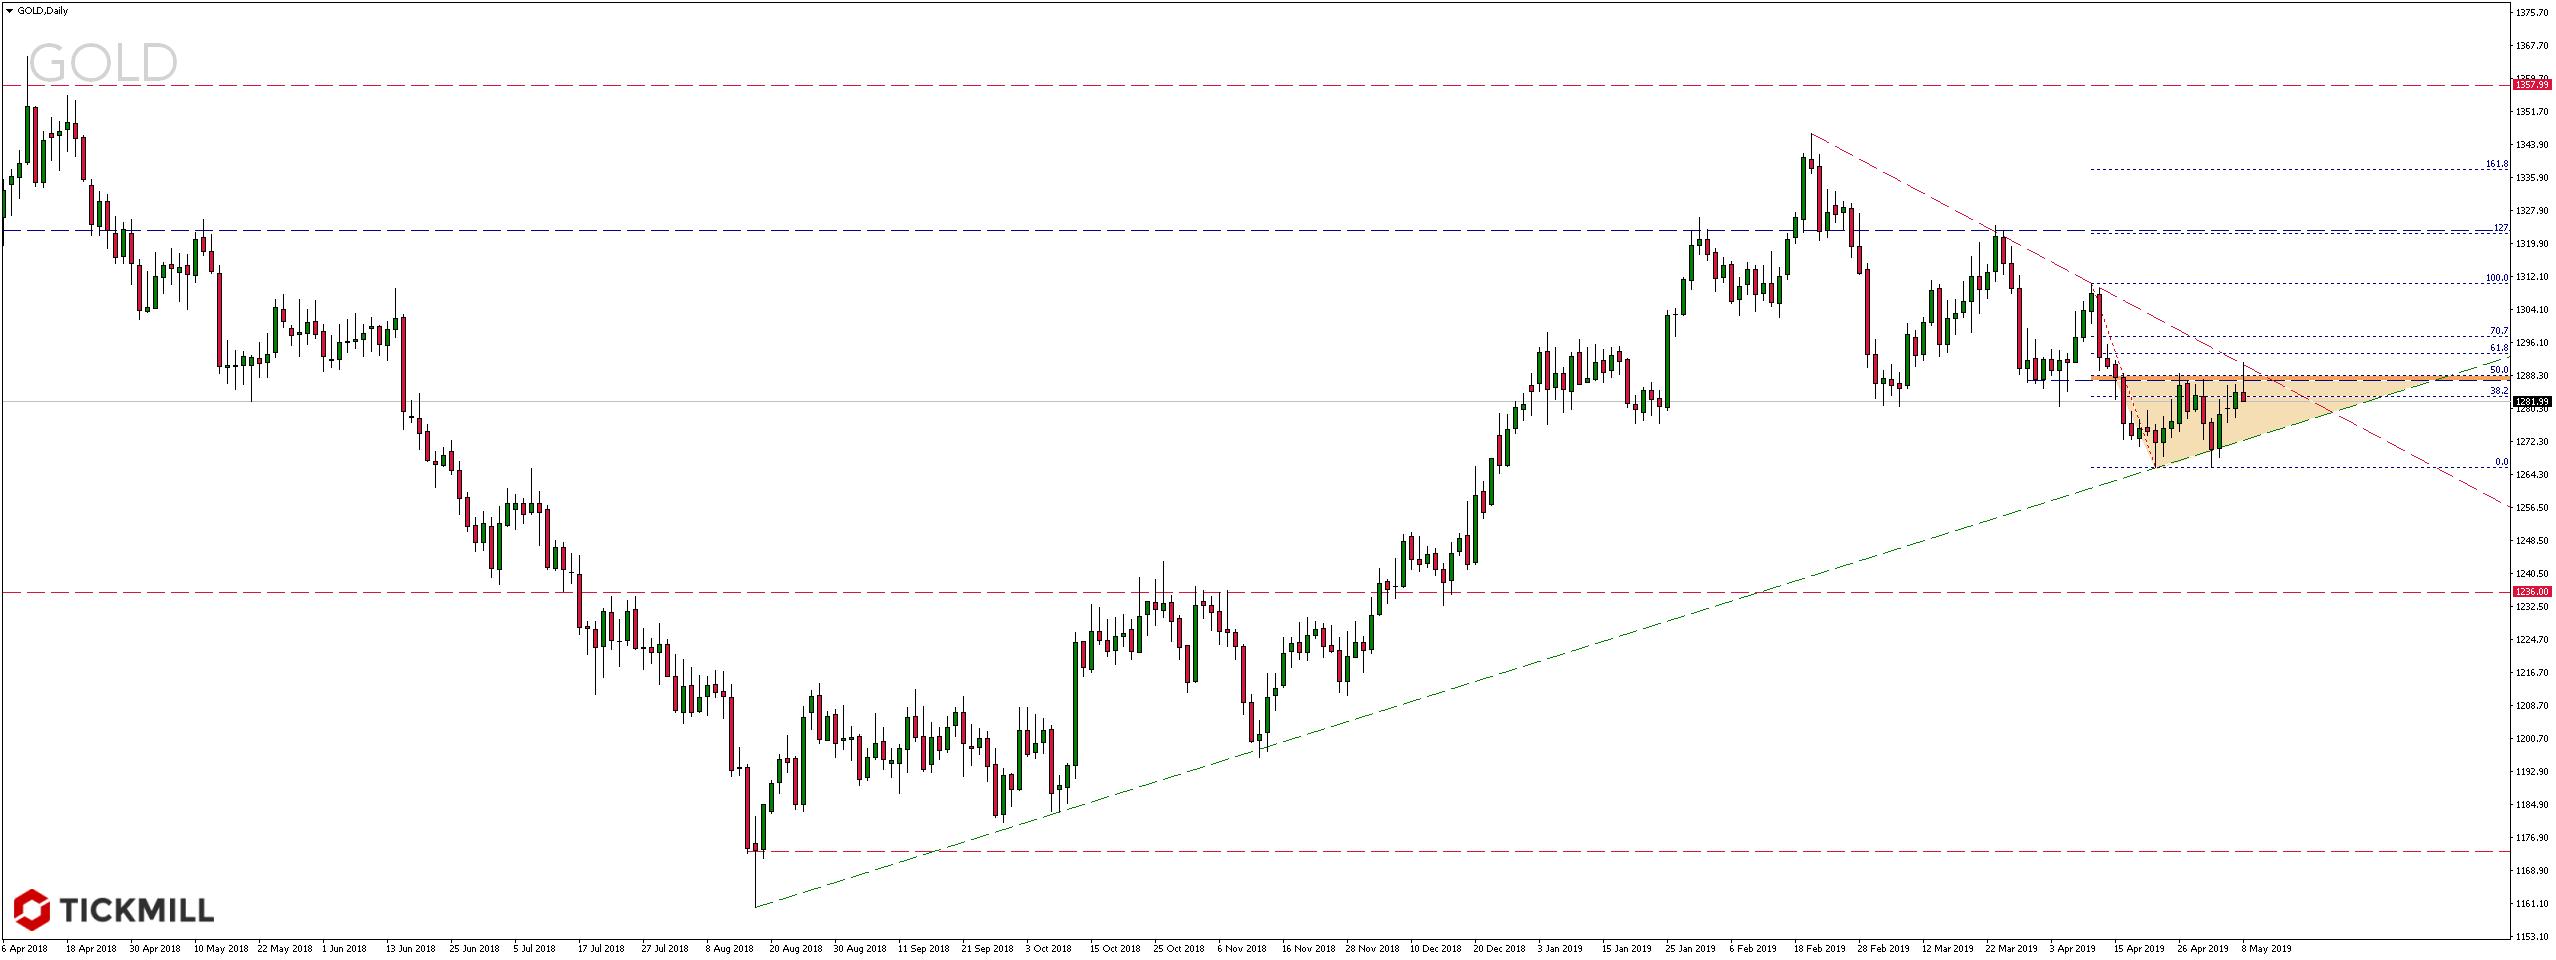 Cena złota reaguje w okolicy istotnego oporu